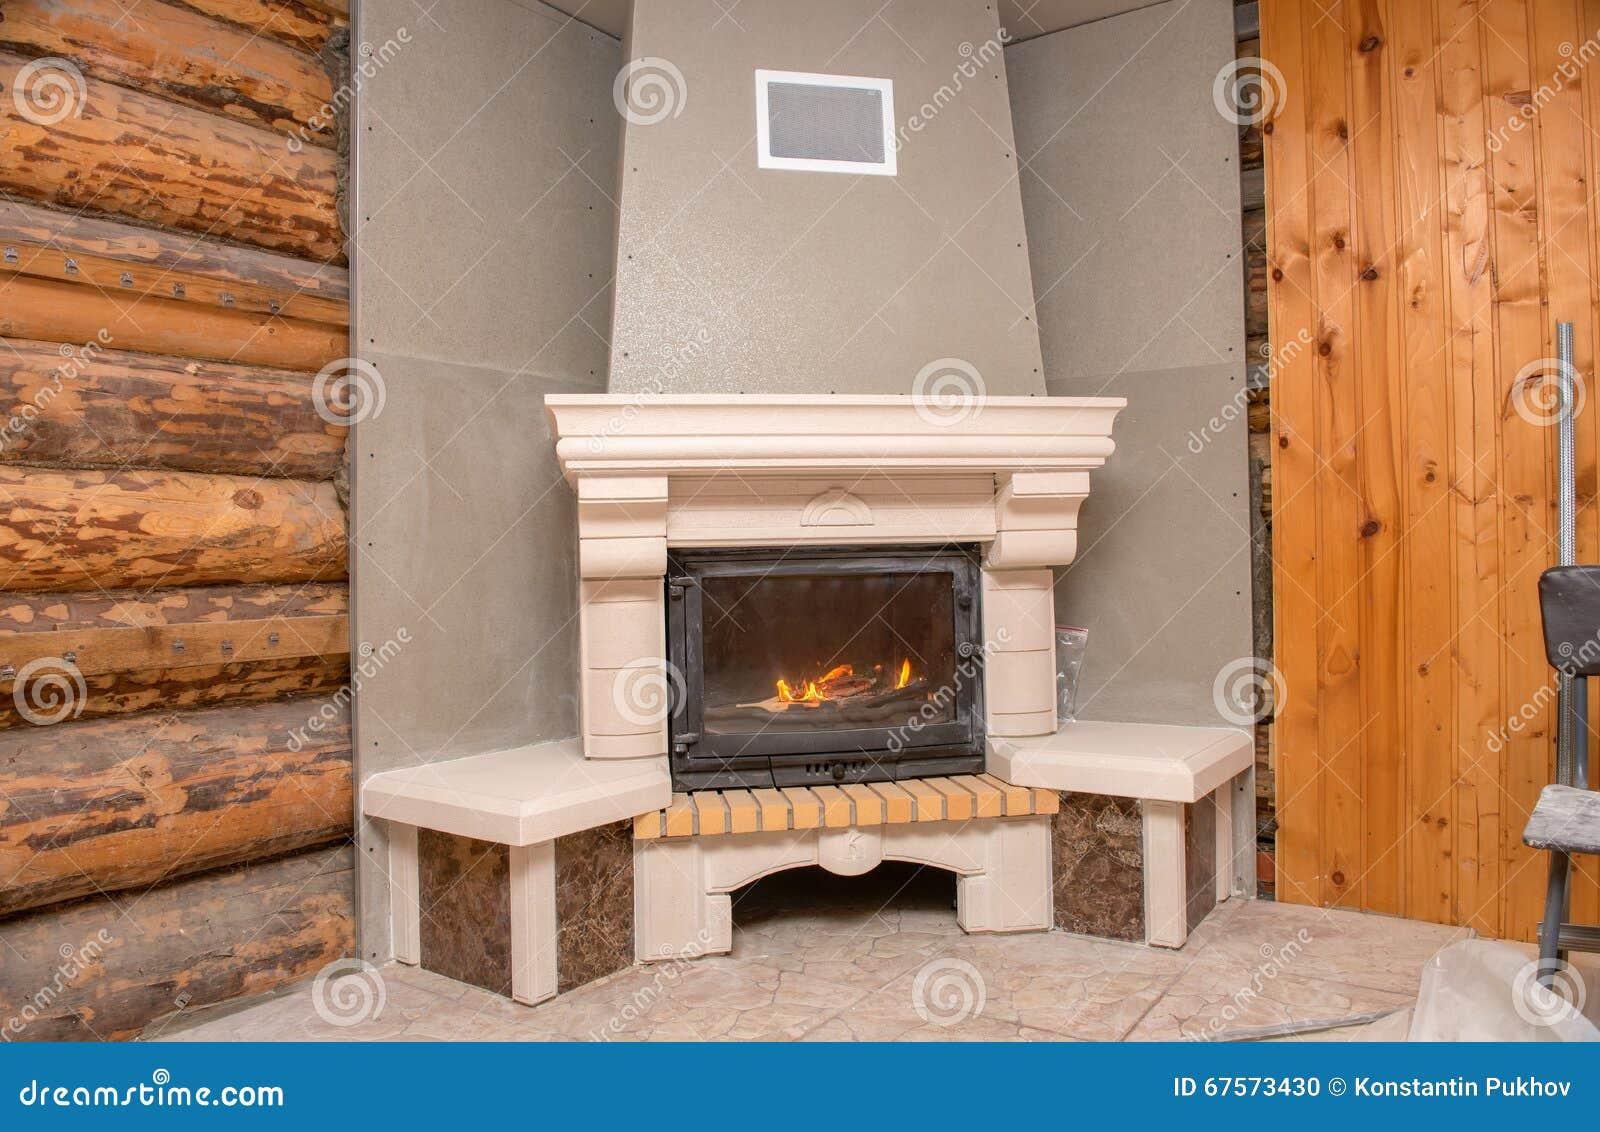 Chimenea en una casa de madera foto de archivo imagen - Madera para chimenea ...